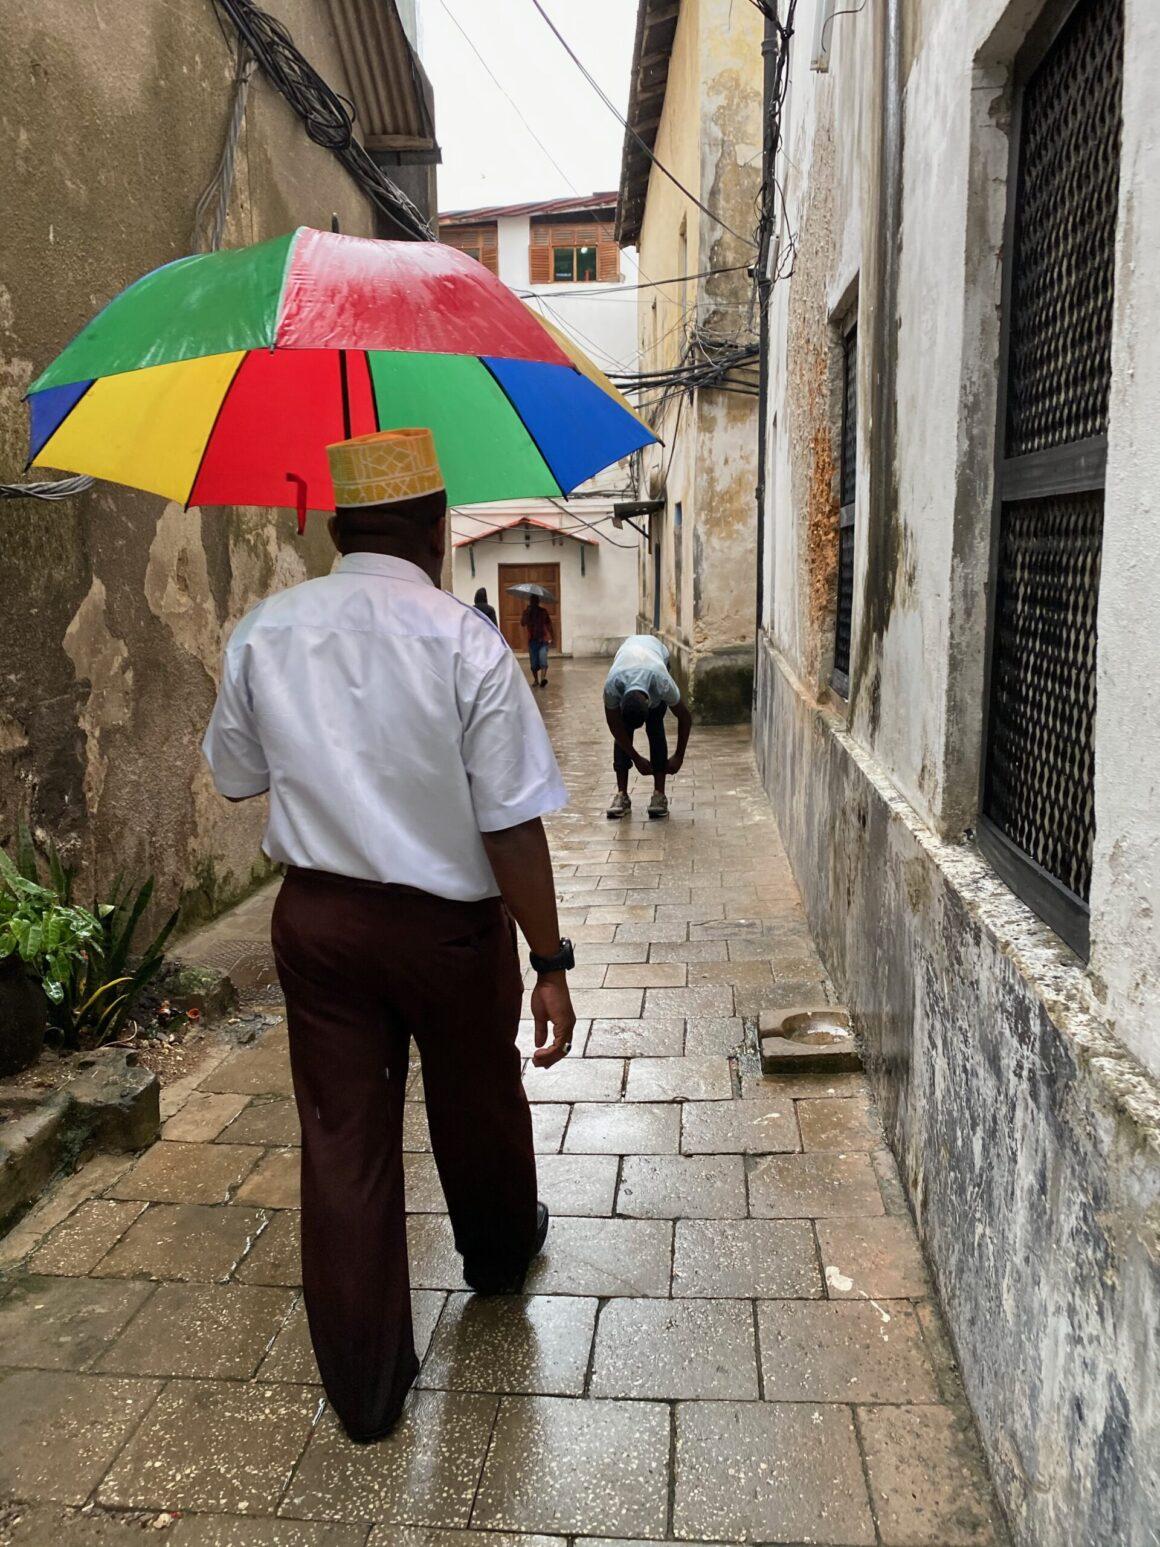 Labyrinth of many narrow and winding streets of Zanzibar